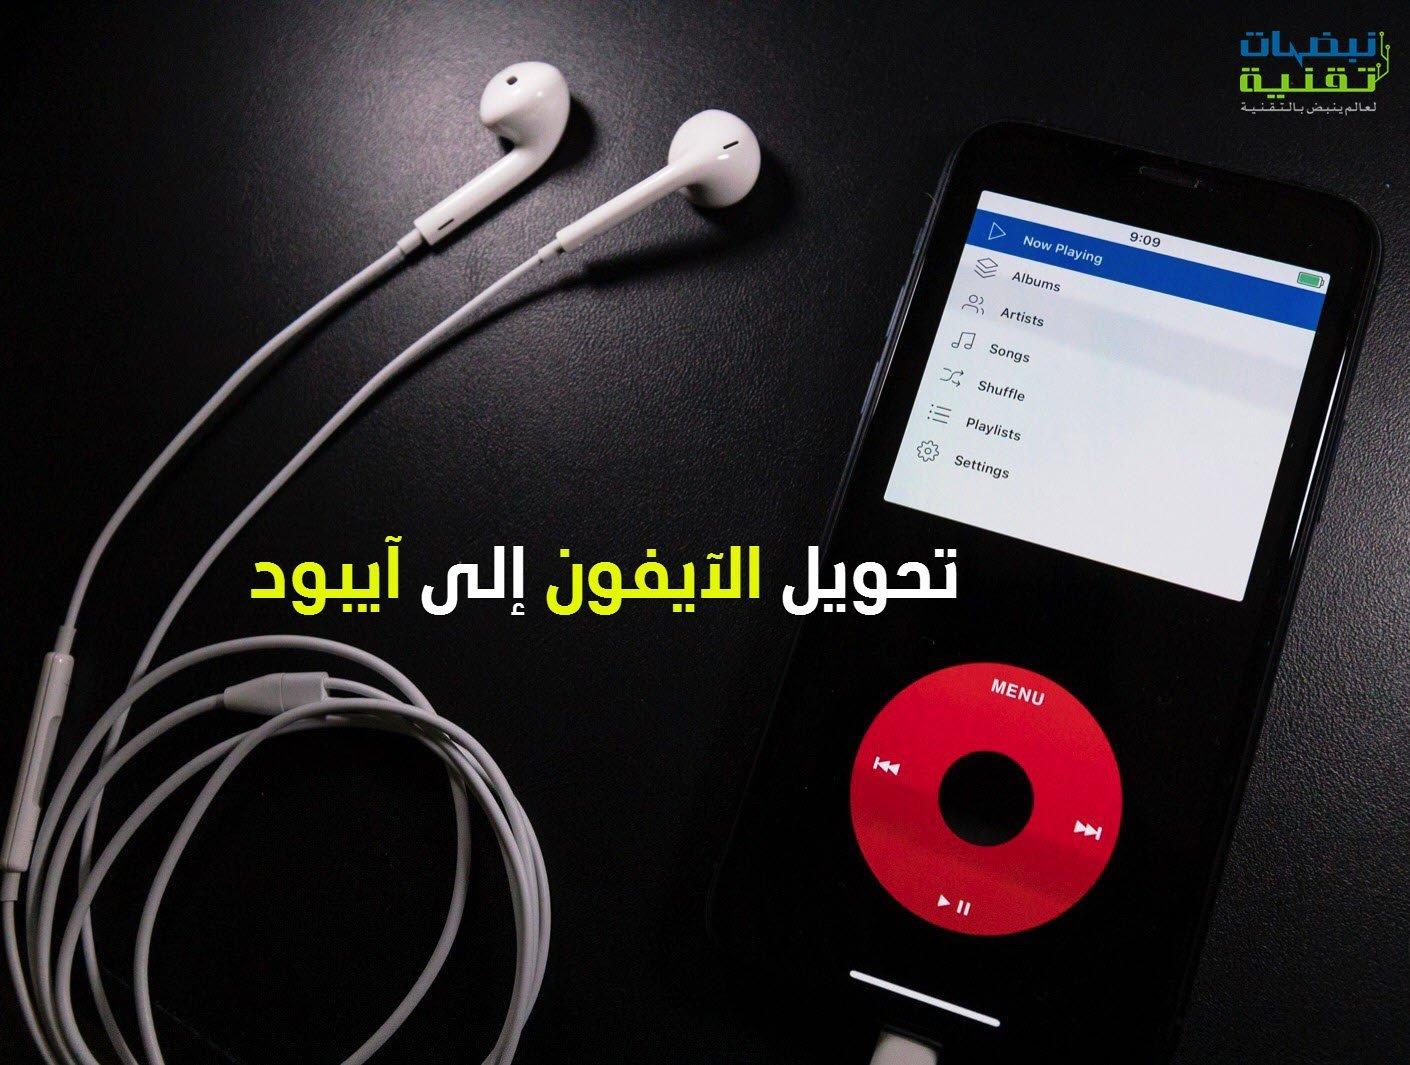 جهاز iPod